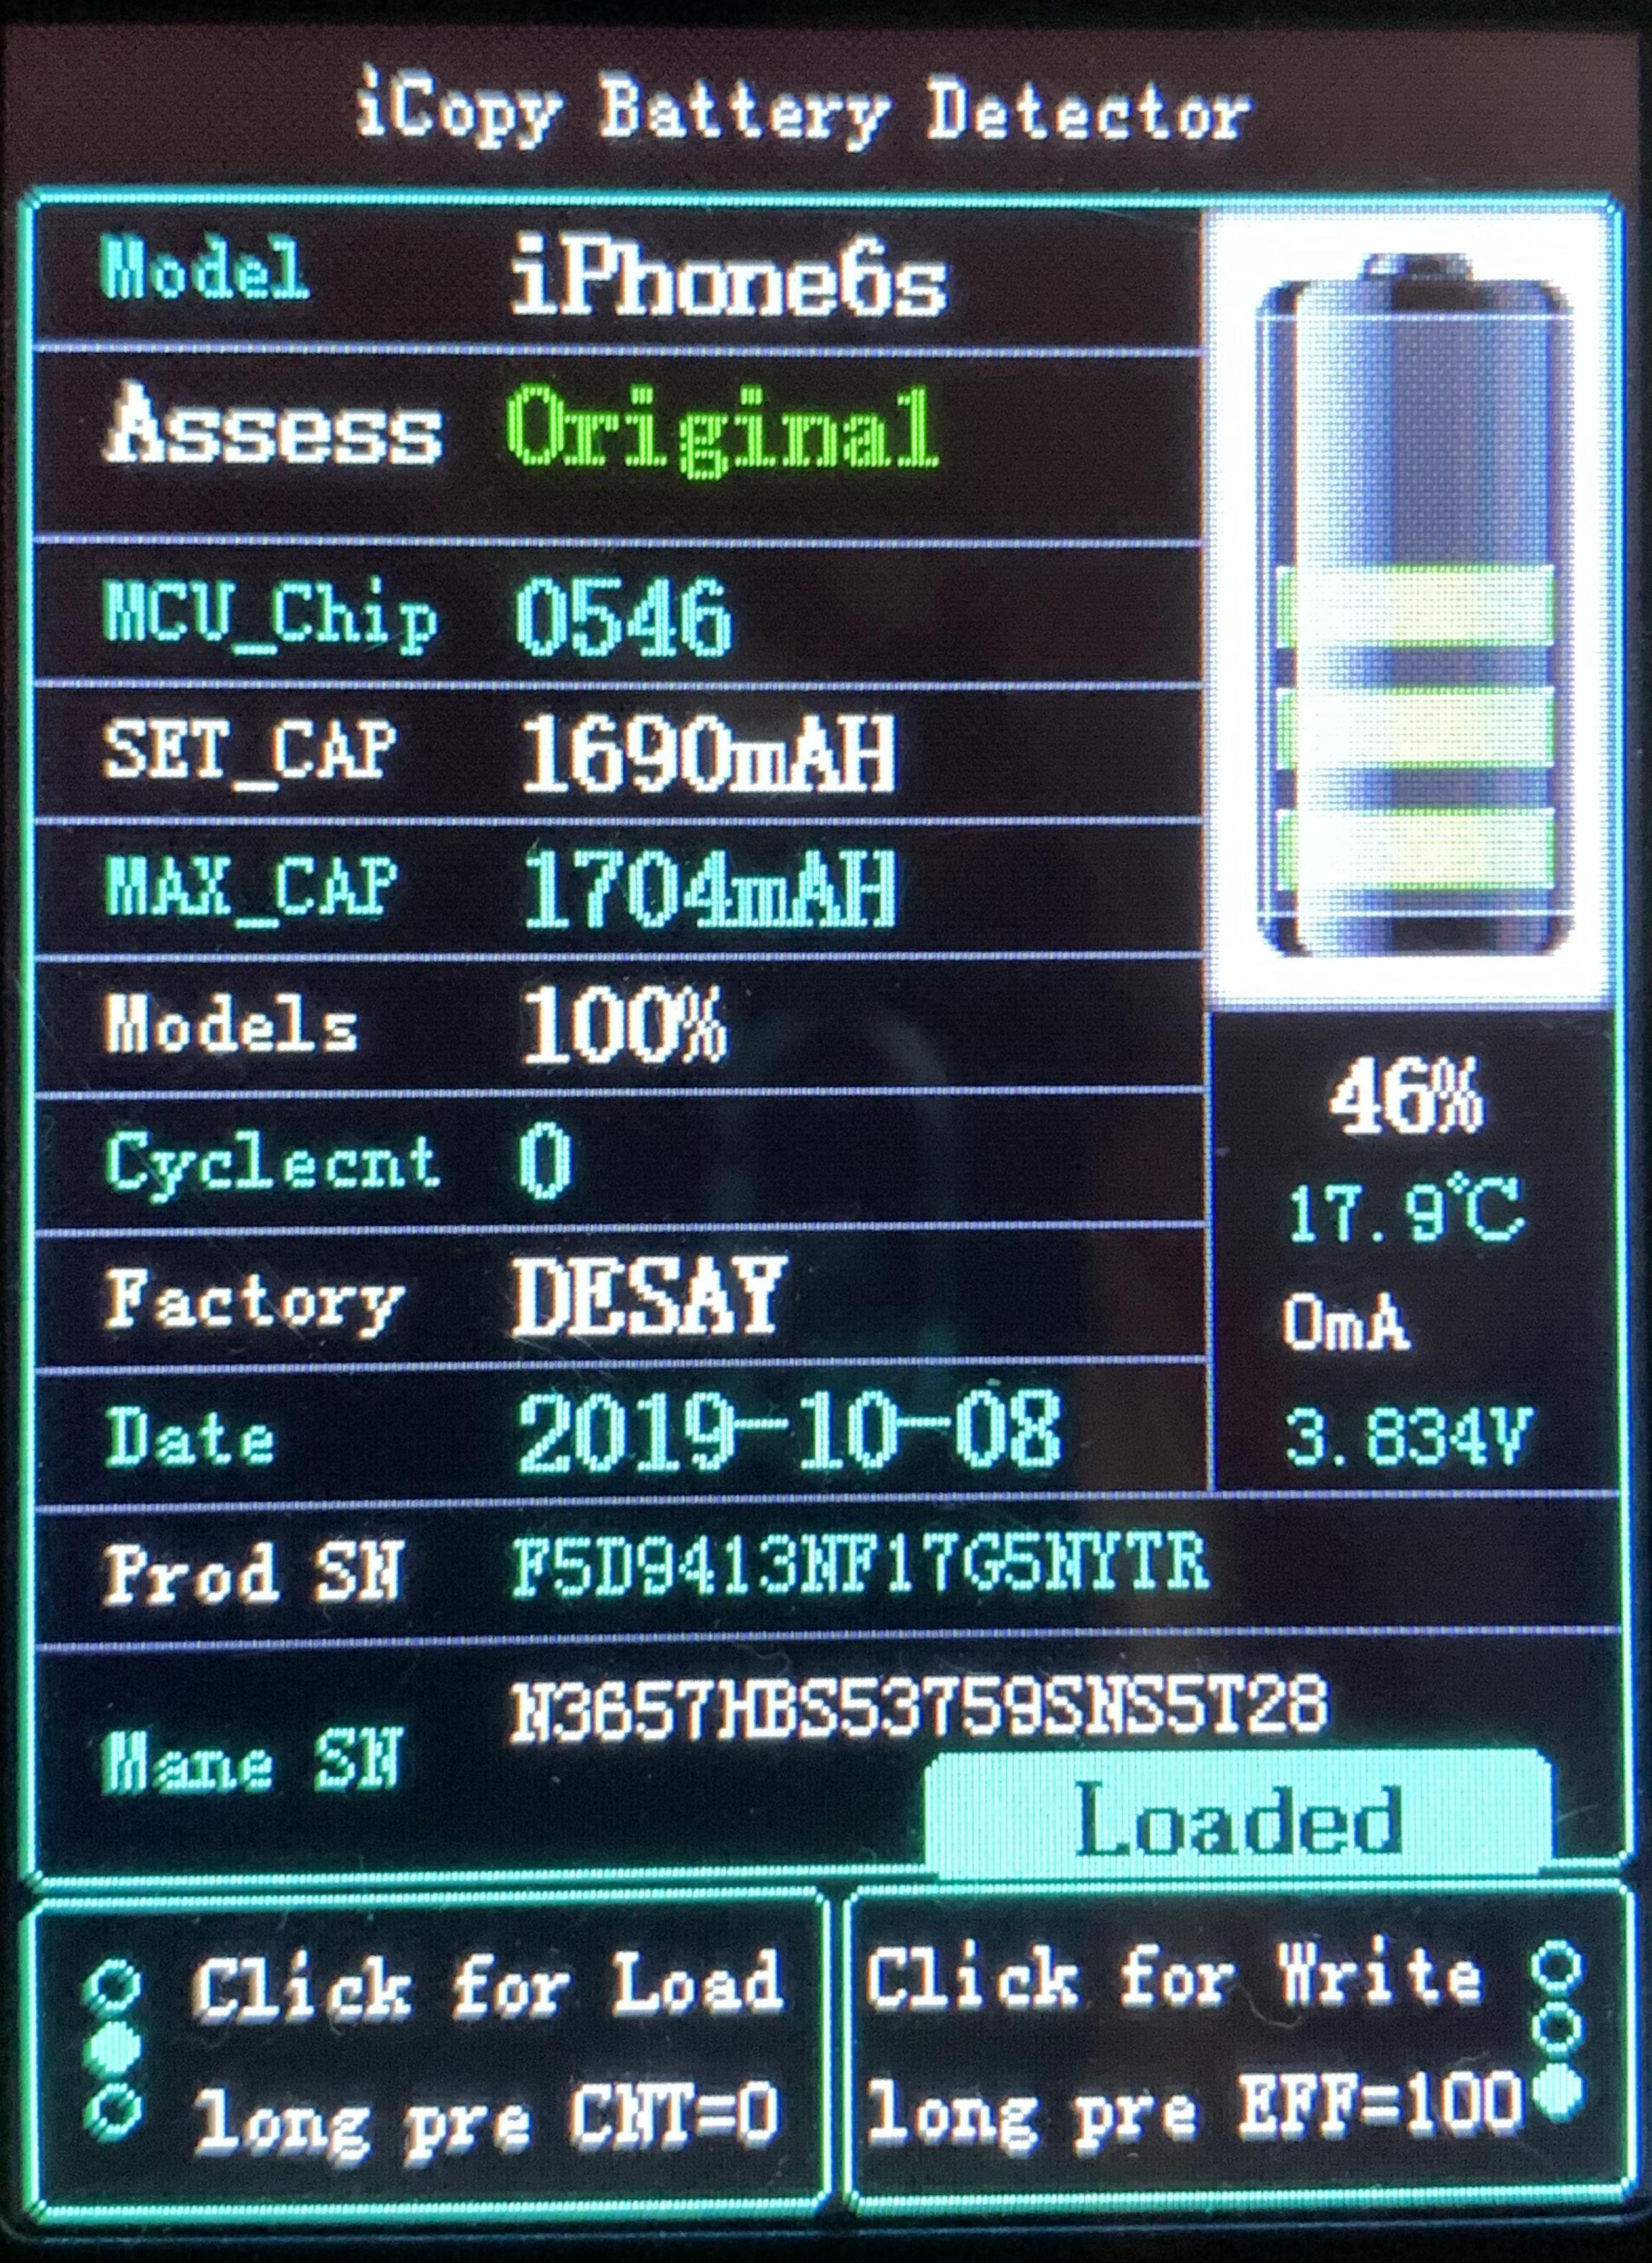 Ověření originality baterie pro iPhone 6S pomocí Qianli iCopy battery tester